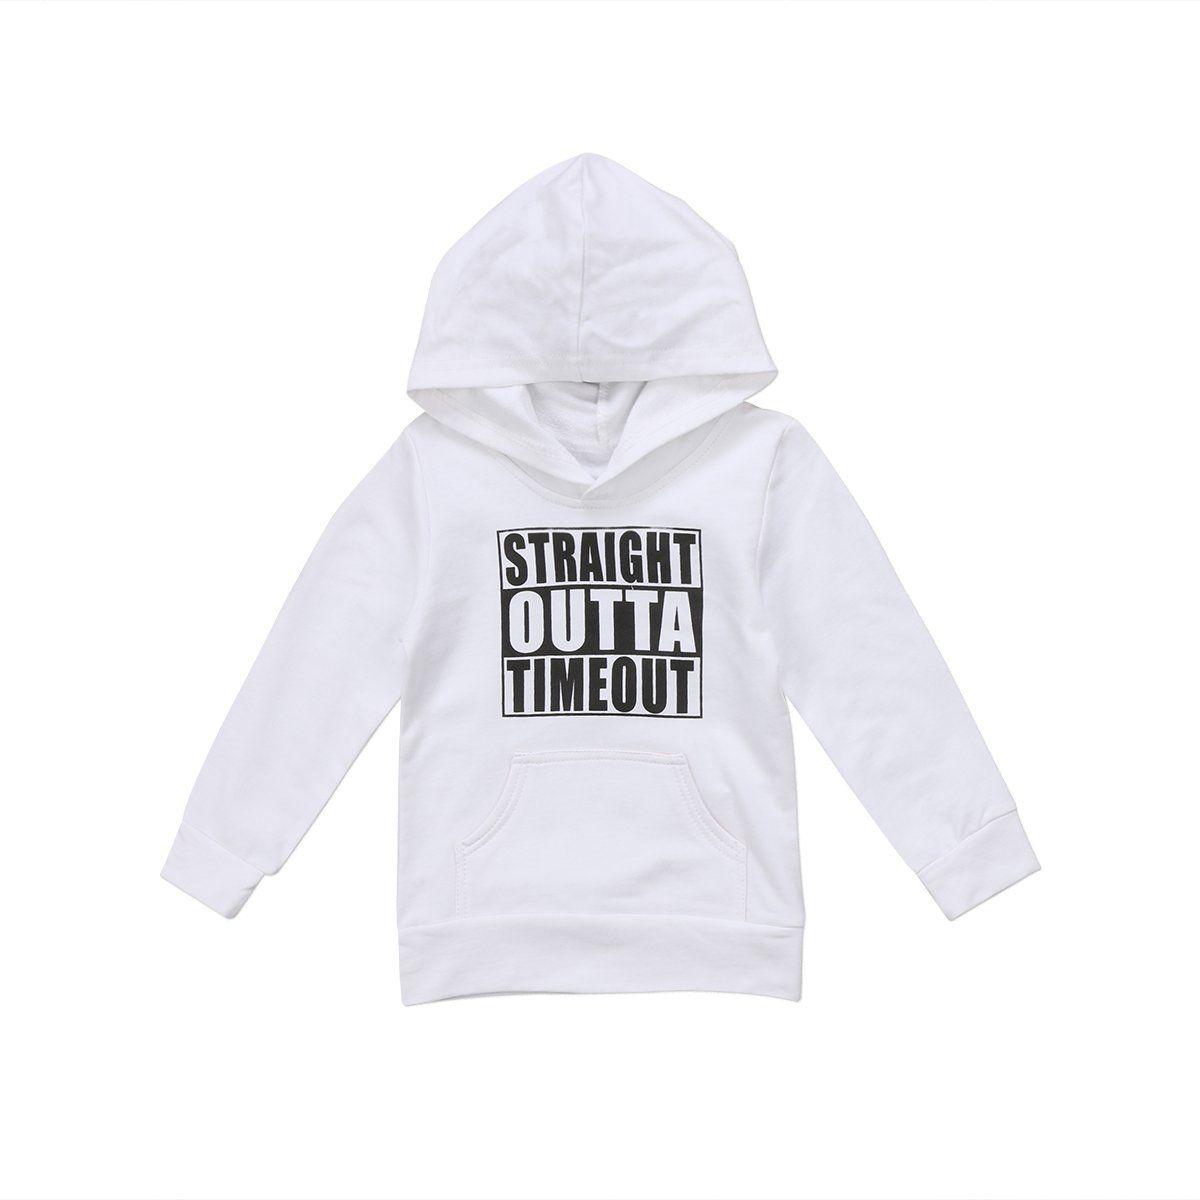 Straight Out Ta Timeout Hoodie Girl Hooded Sweatshirt Sweatshirts Hoodies [ 1200 x 1200 Pixel ]